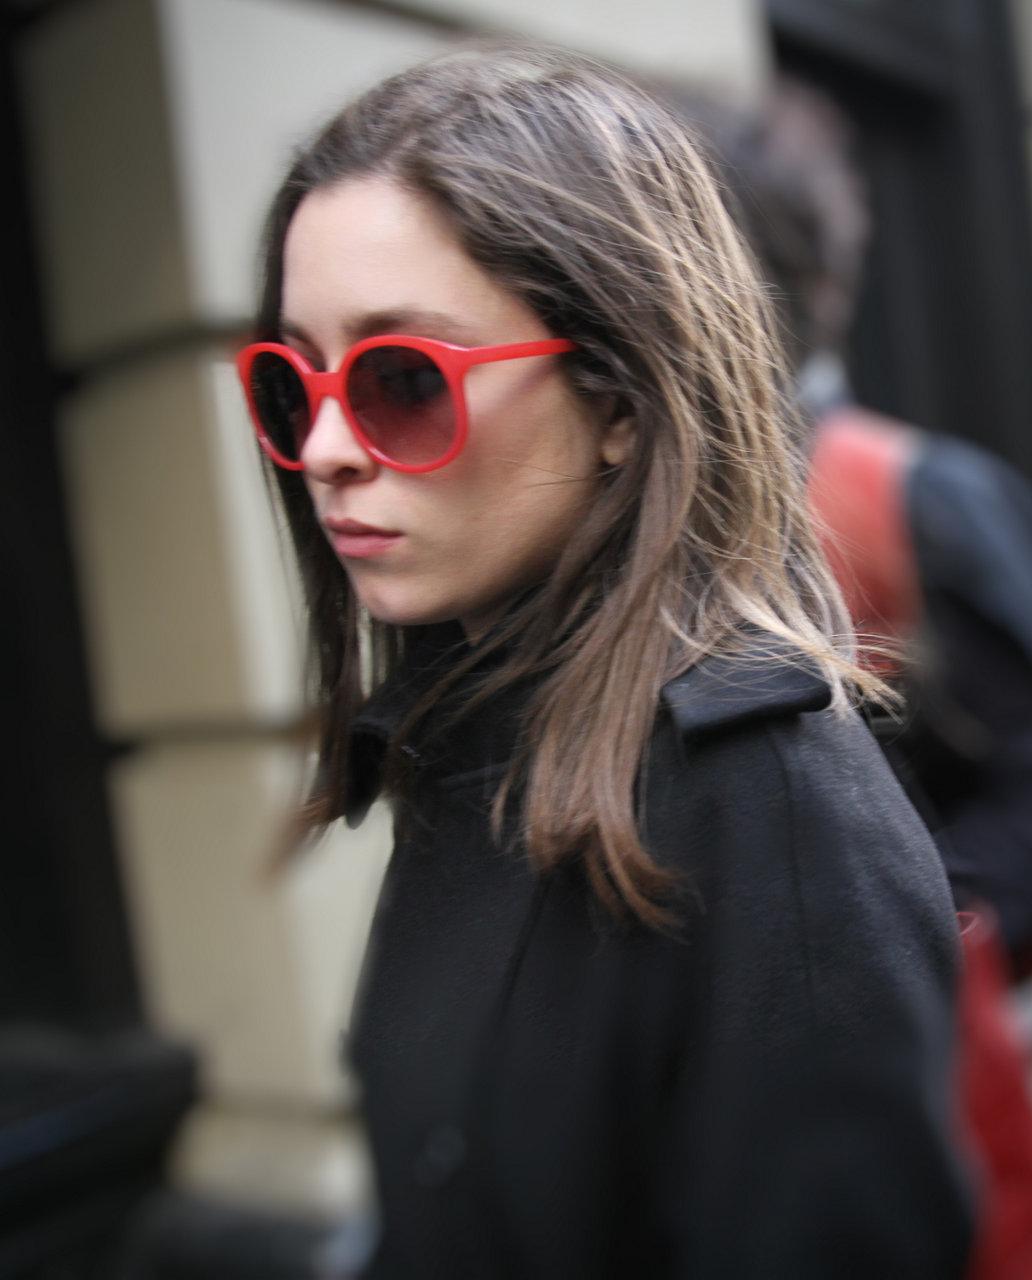 Red+Glasses.jpg